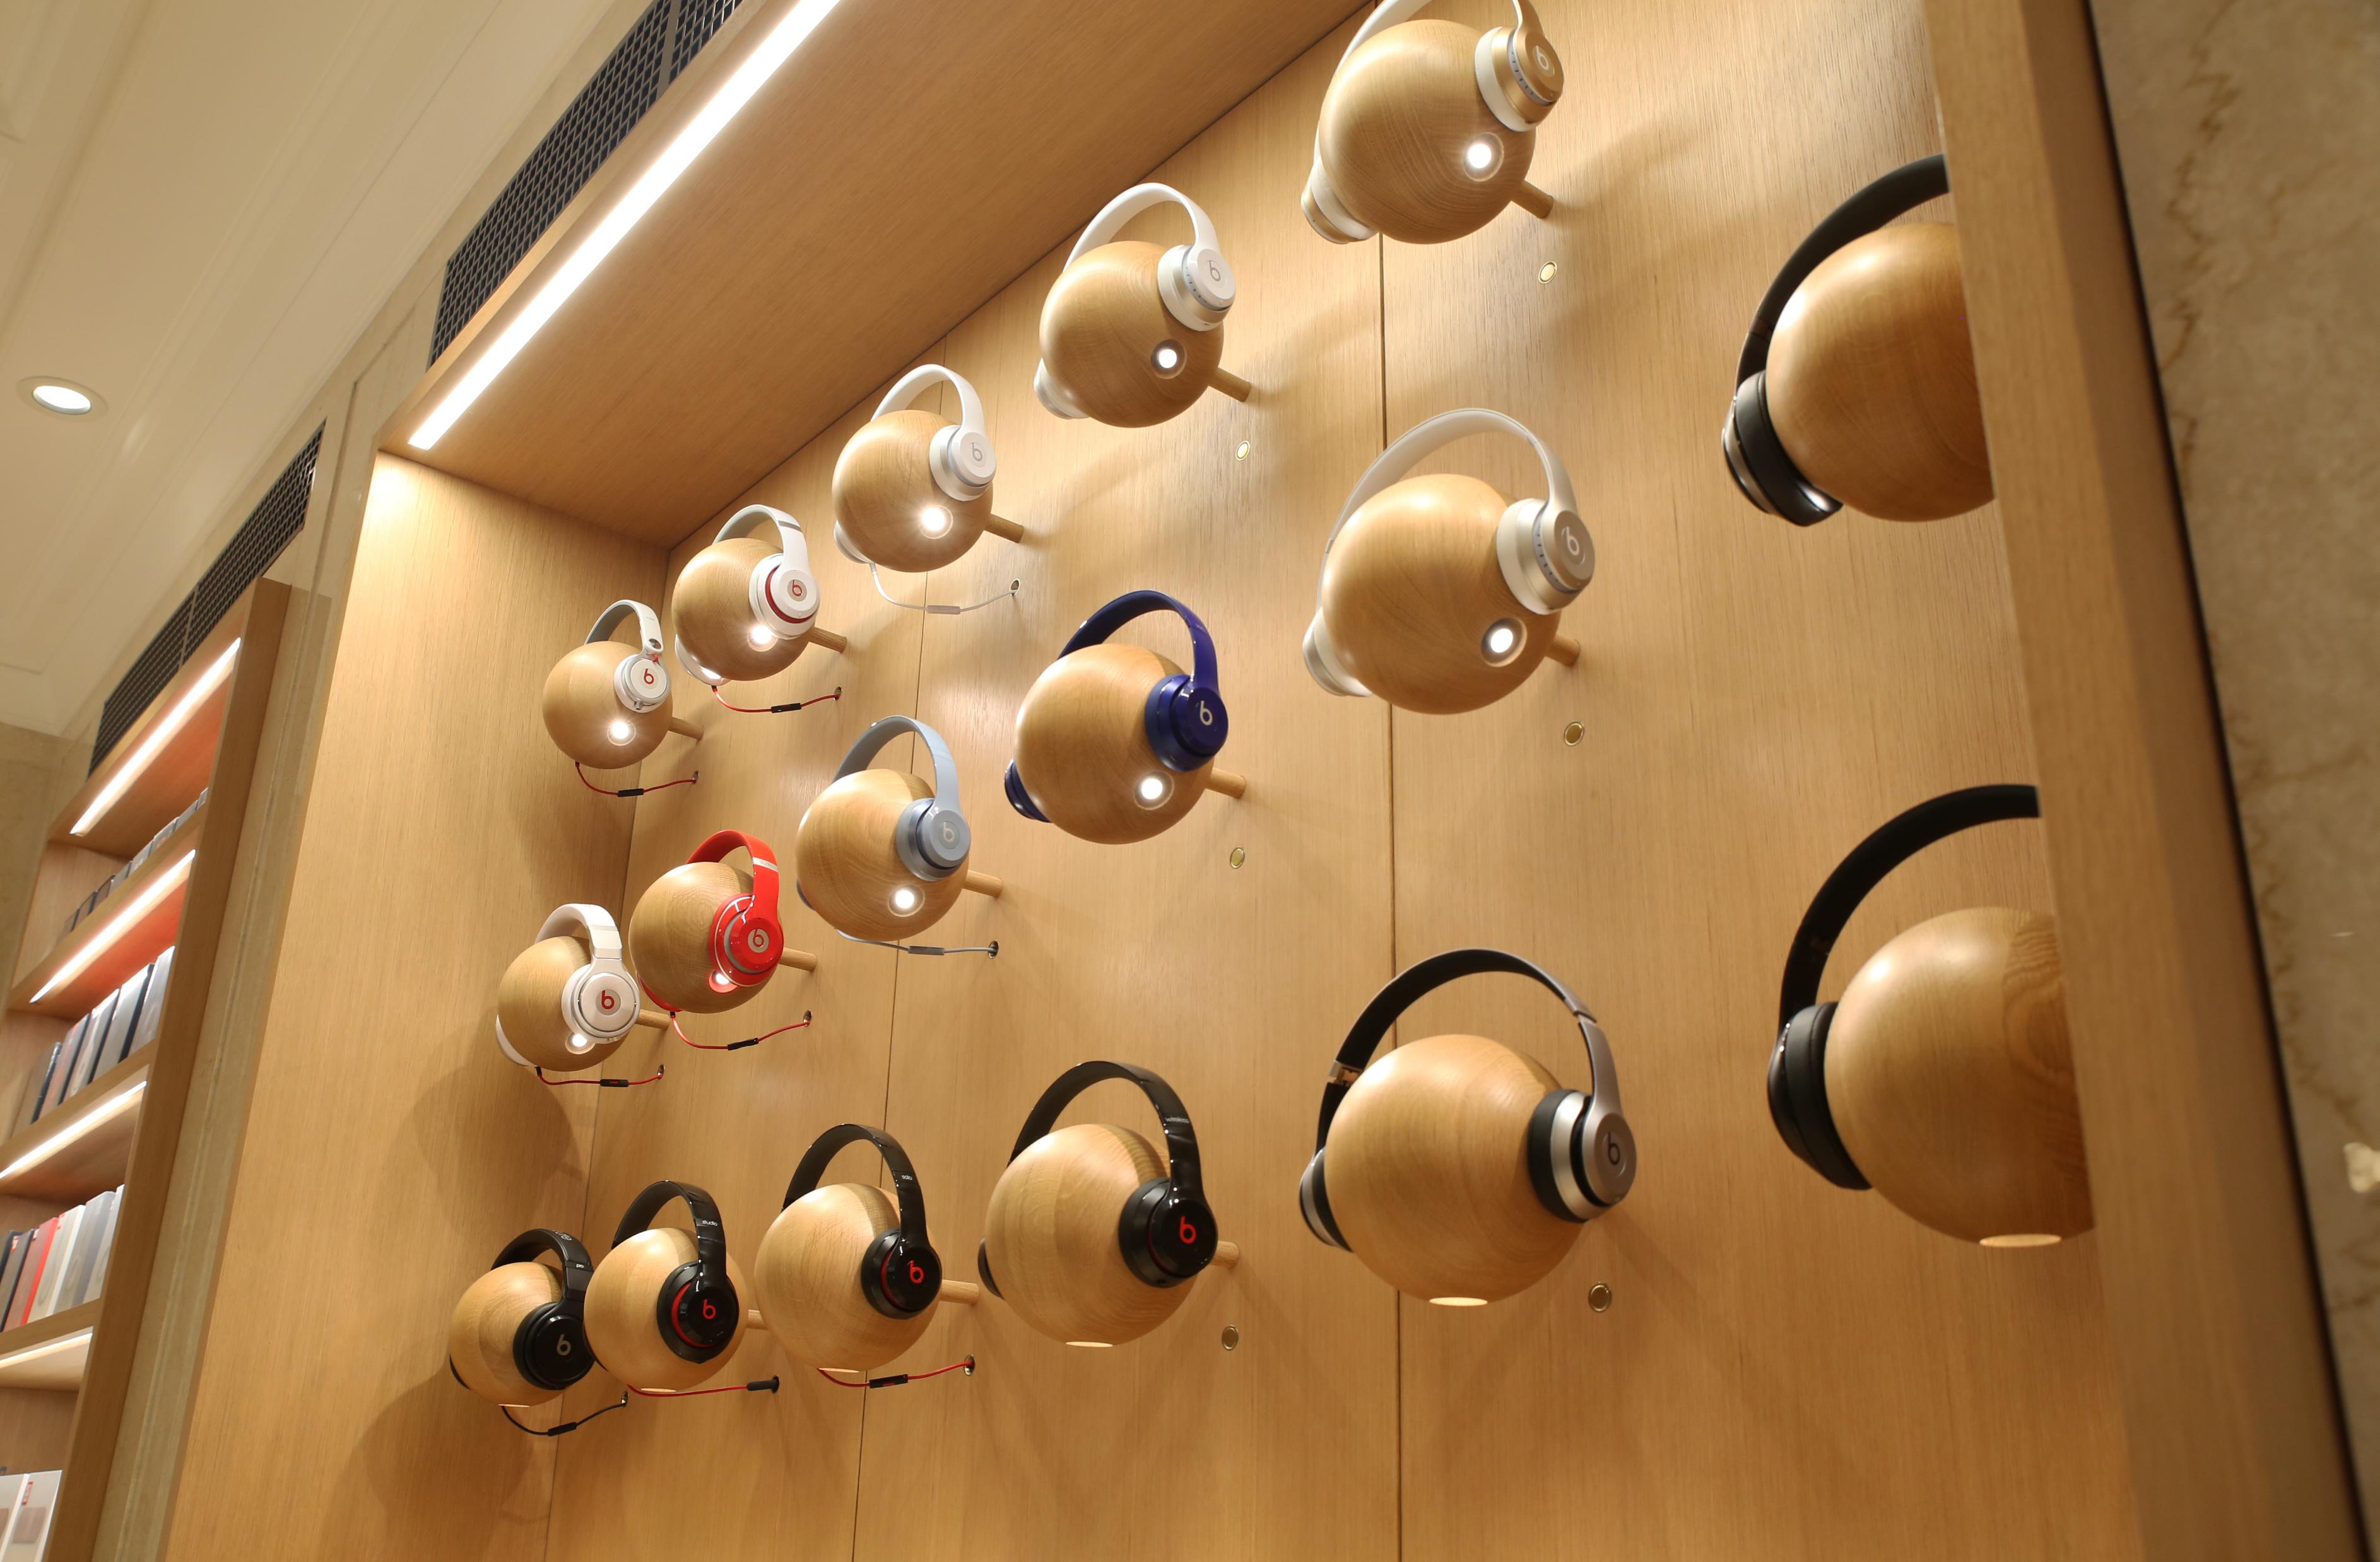 Appareil dit travailler sur des écouteurs supra-auriculaires modulaires, haut de gamme et à réduction de bruit